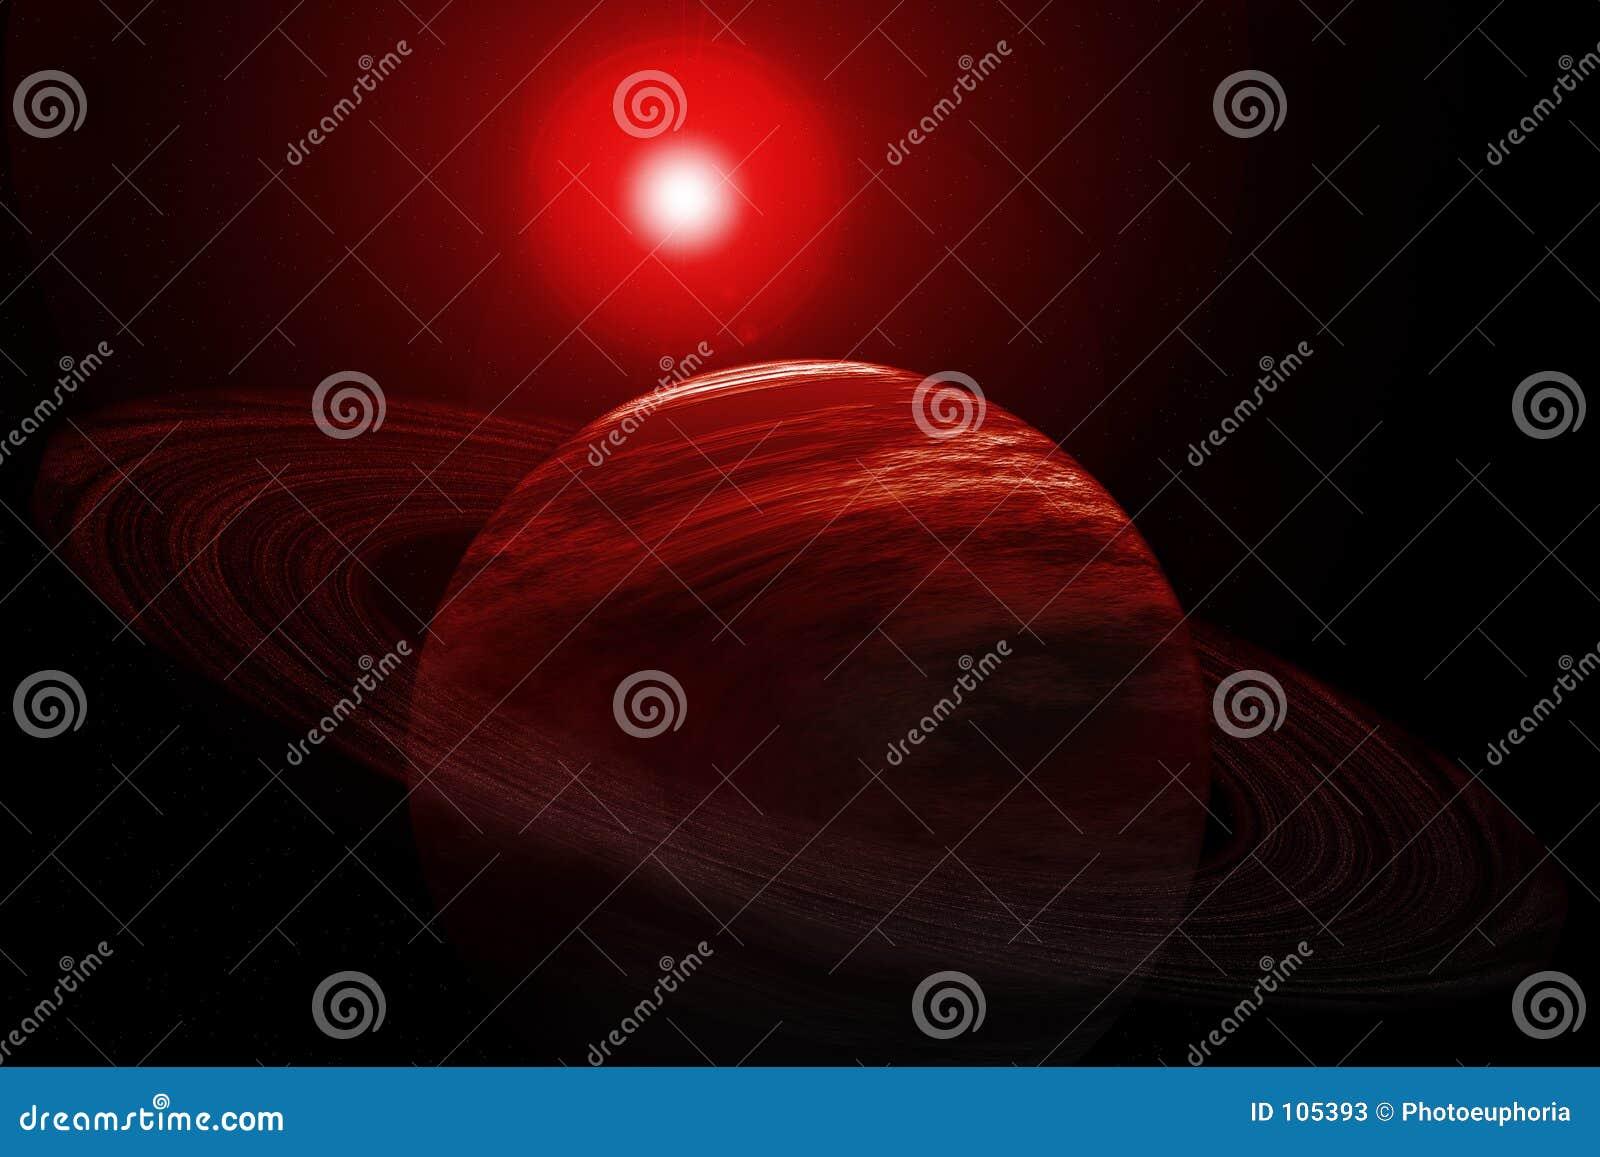 Planeta vermelho com anéis, estrelas e Sun